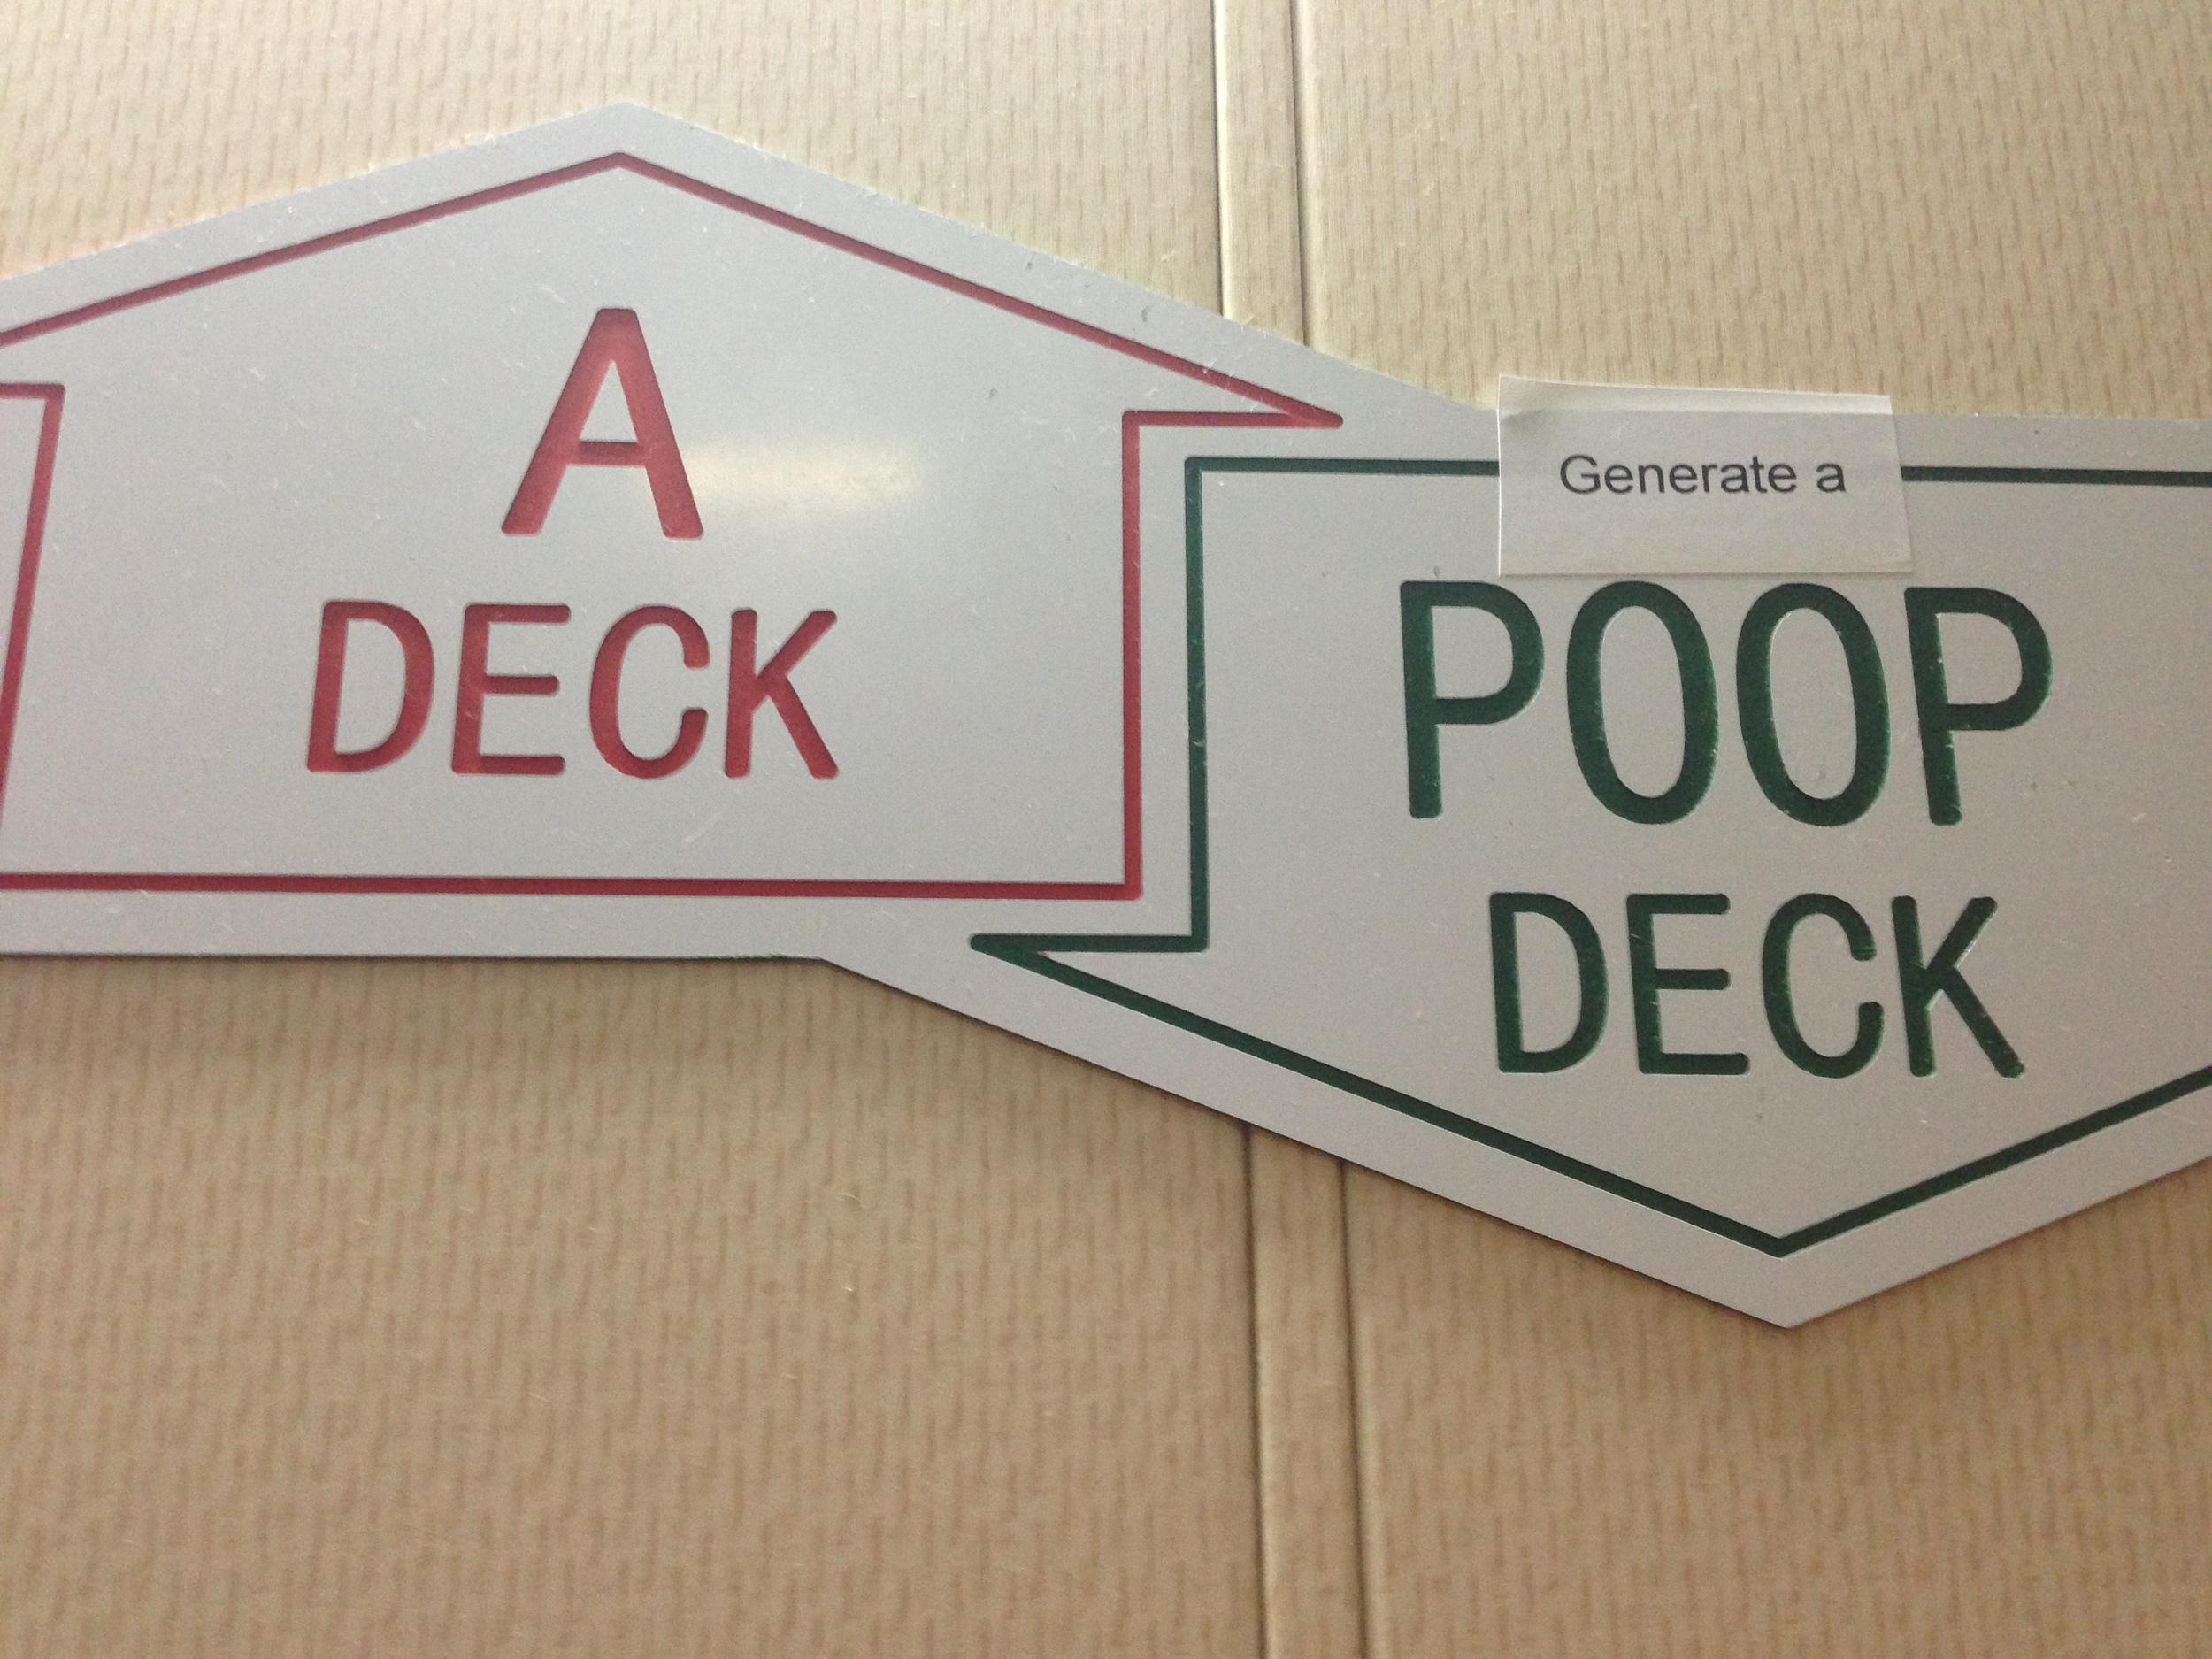 Generate A Poop.